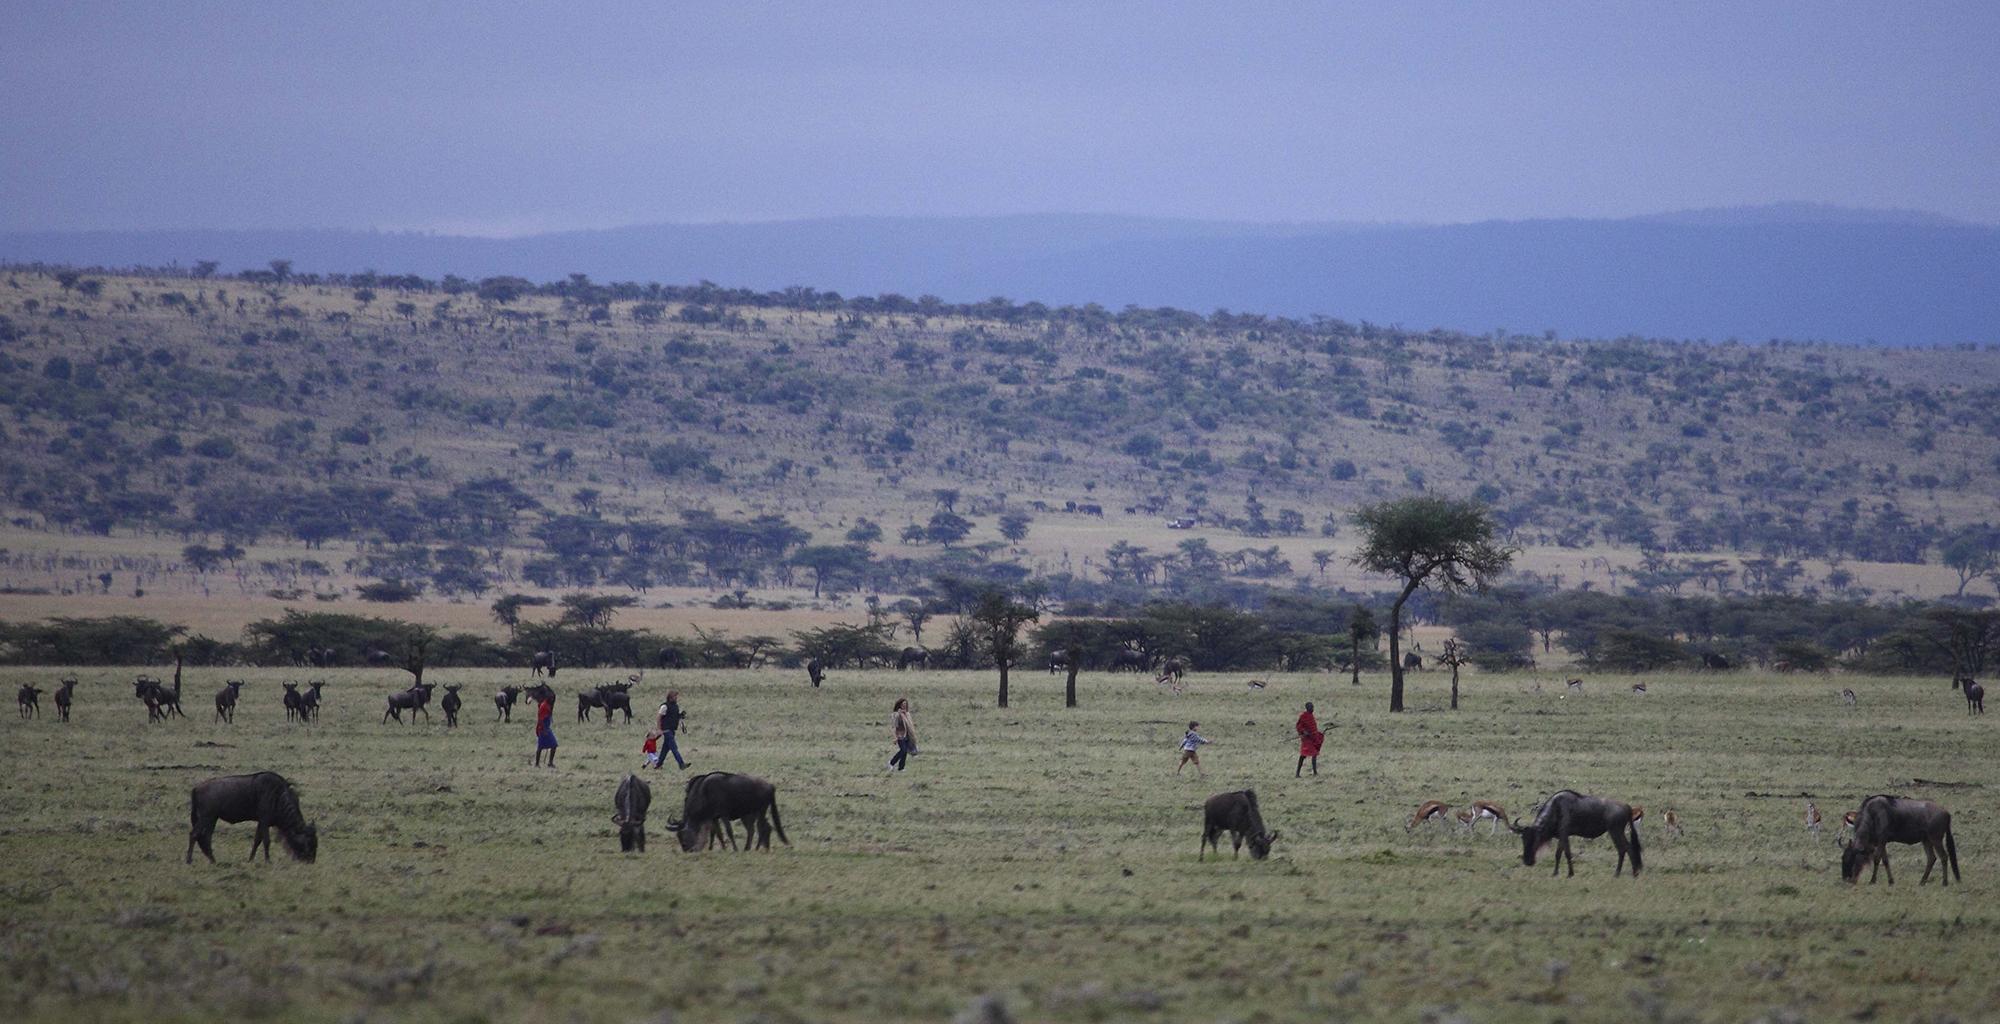 Kenya-Richard's-River-Camp-Wildlife-Landscape